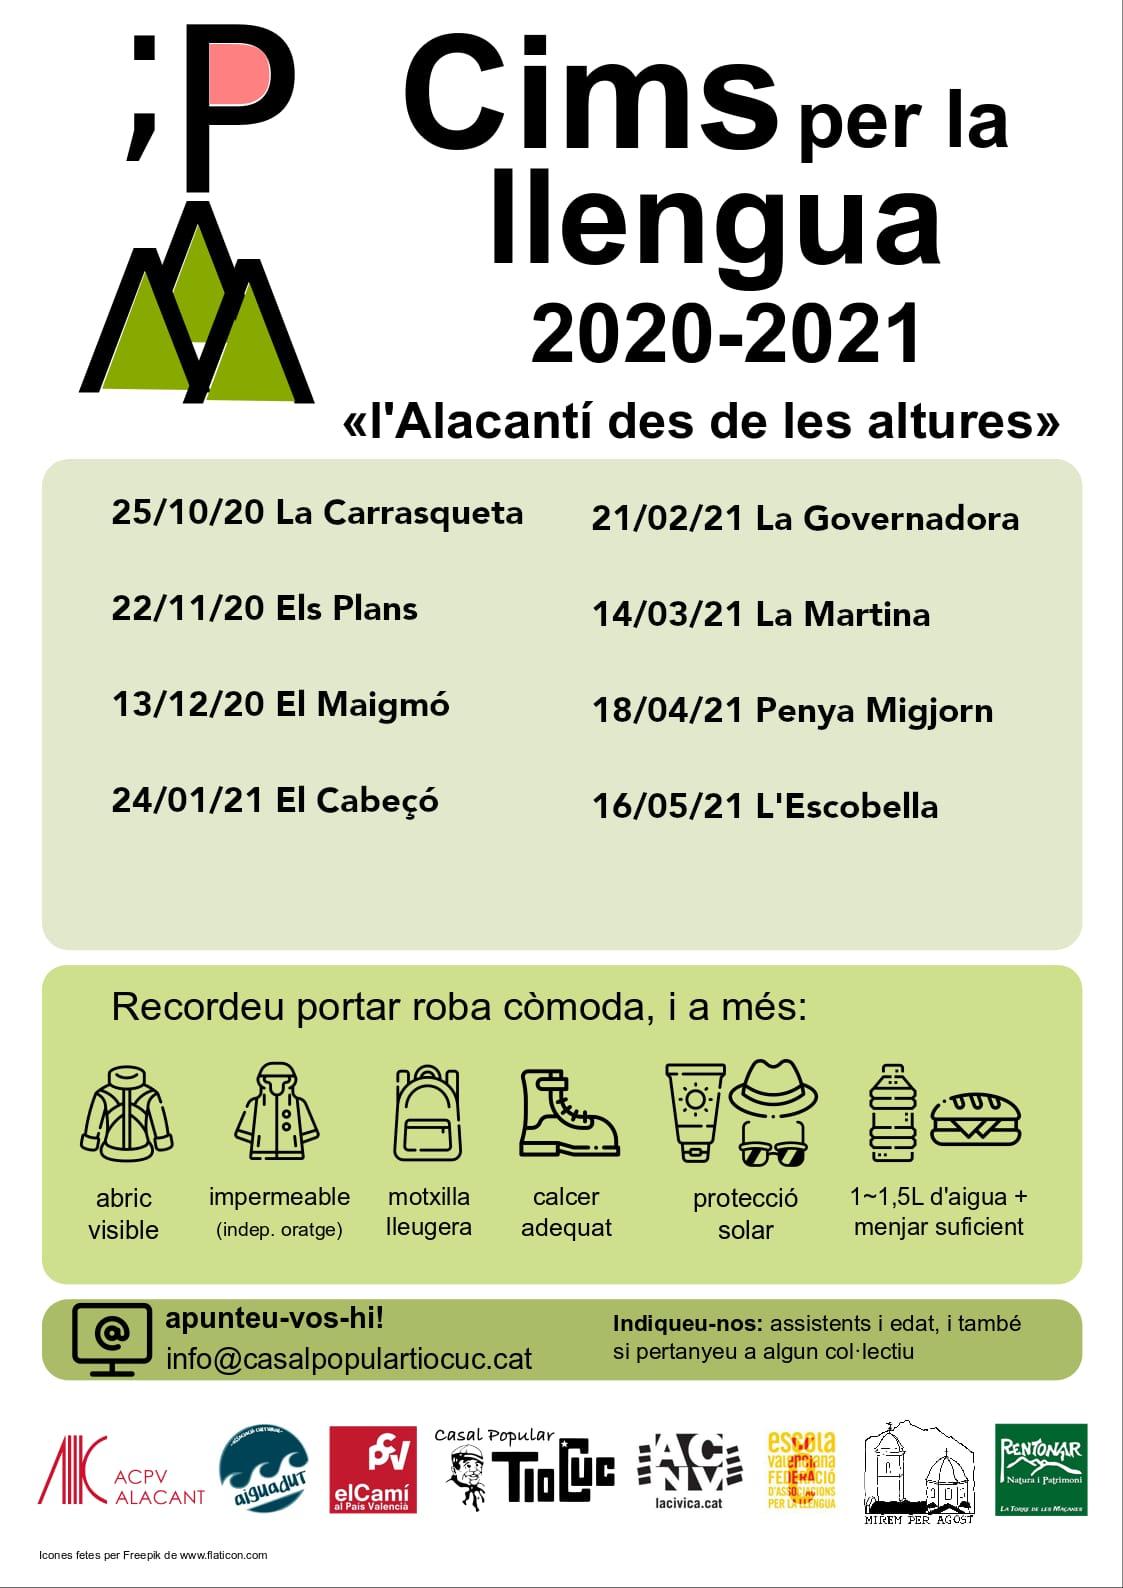 Cims per la llengua 2020 - 2021